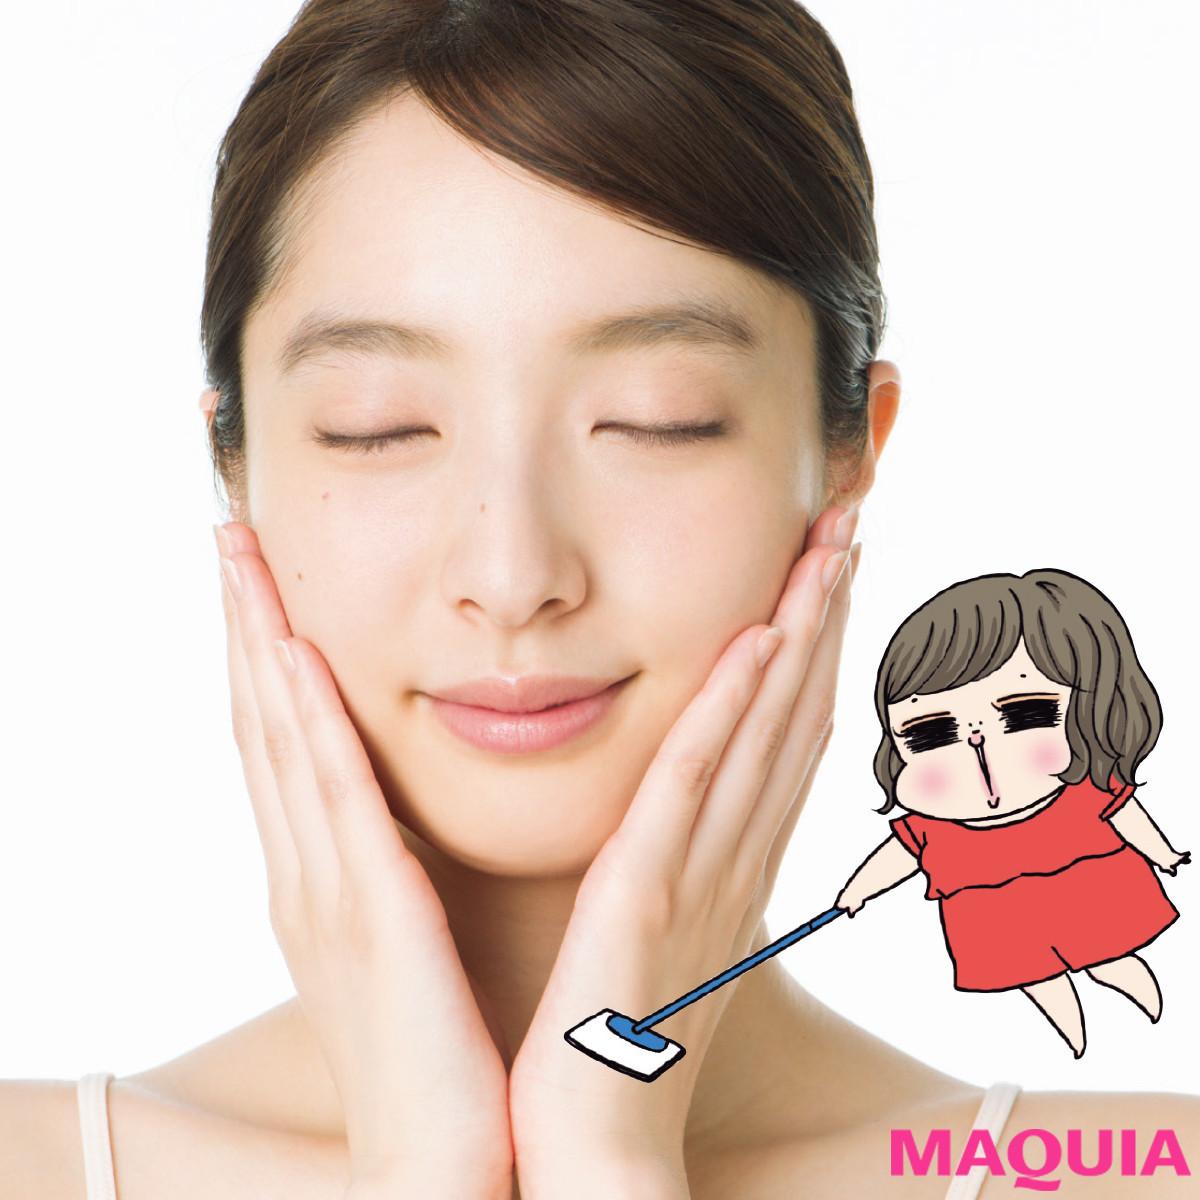 【毛穴の角栓・黒ずみケア】クレイ、酵素洗顔etc.…溜めない肌のためのアイテム&ケア